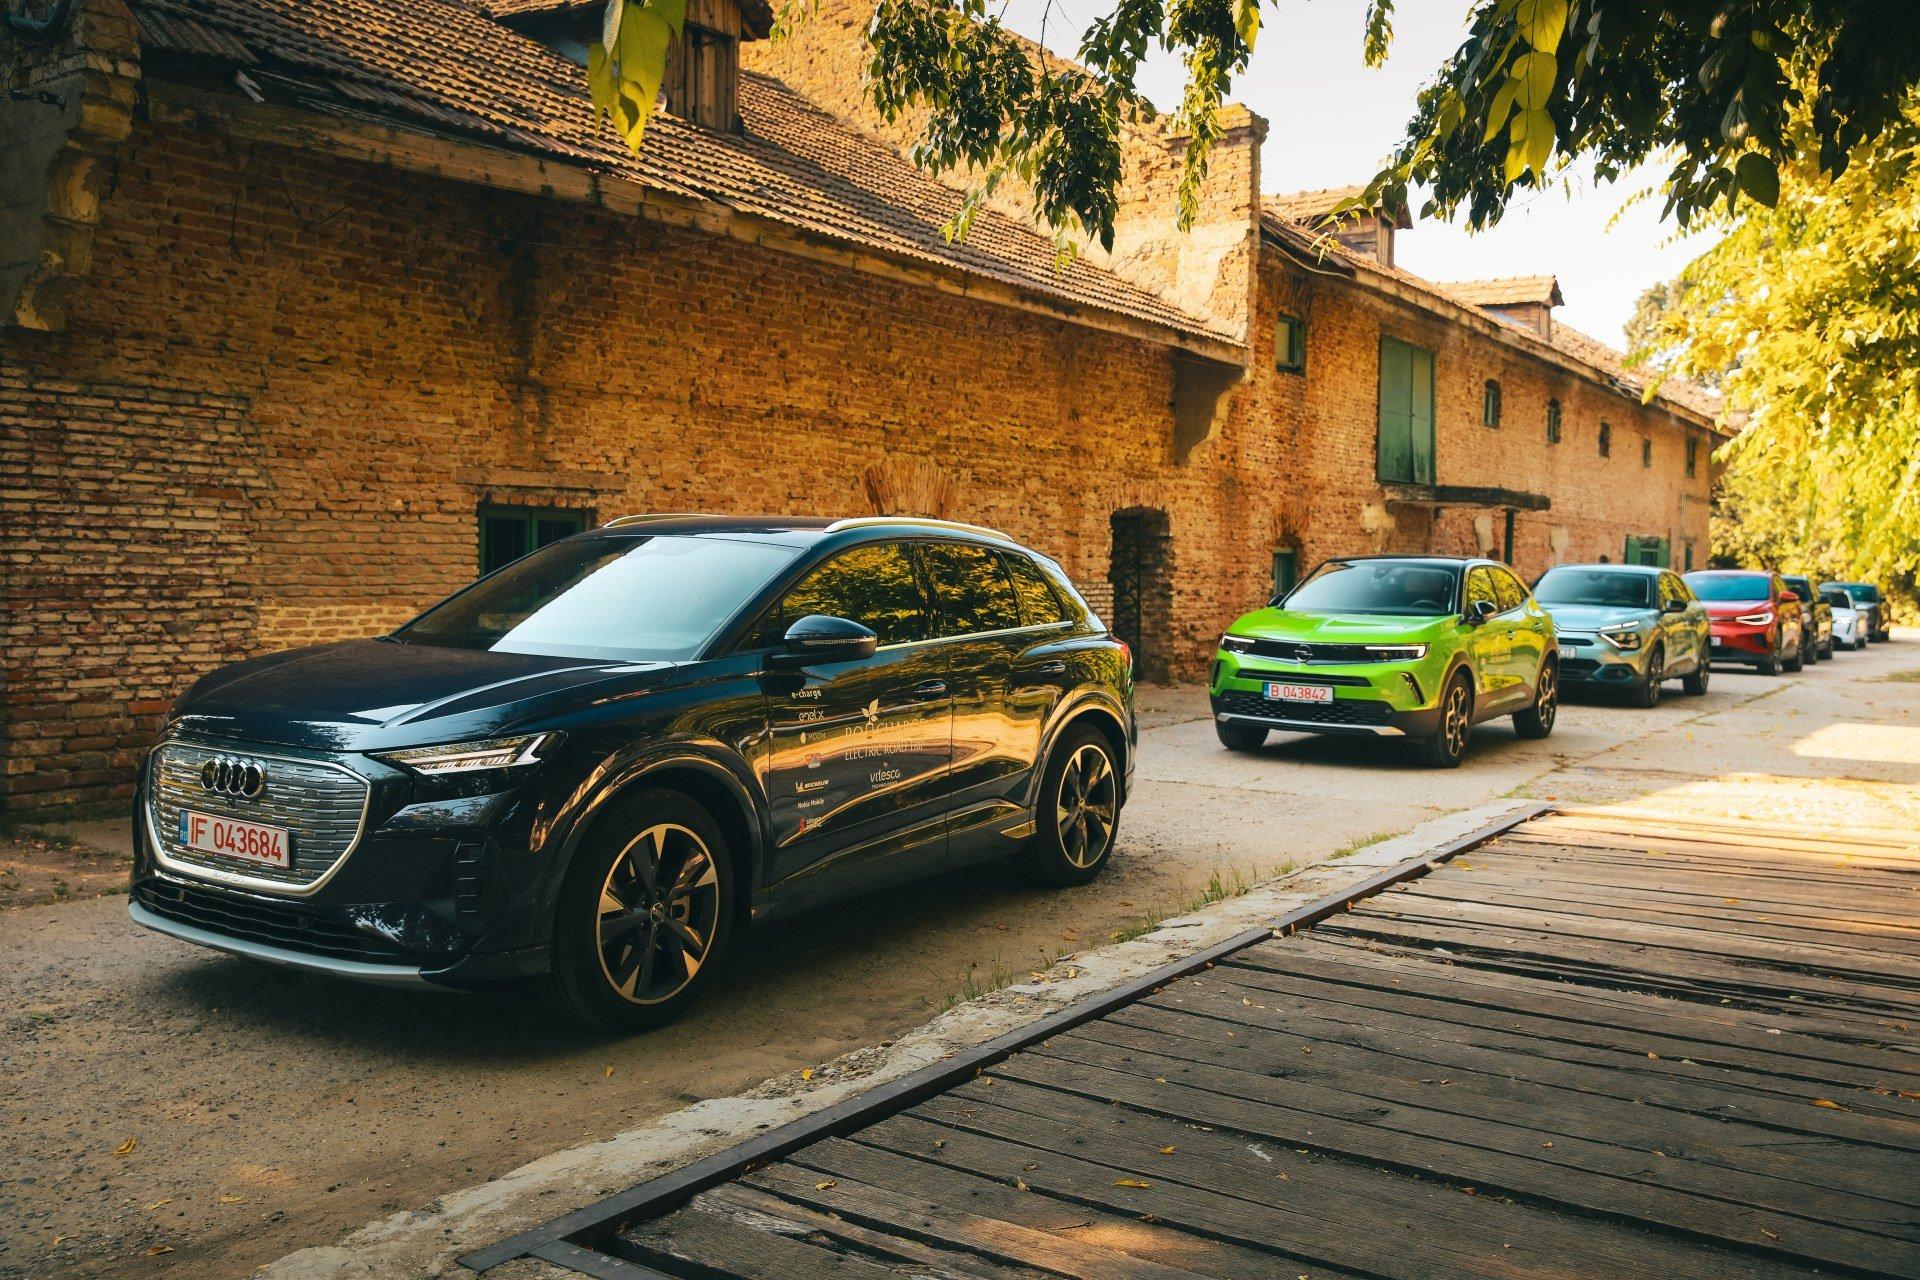 driven-2021-audi-q4-e-tron-50-quattro-audi-s-version-of-the-id4_3.jpg